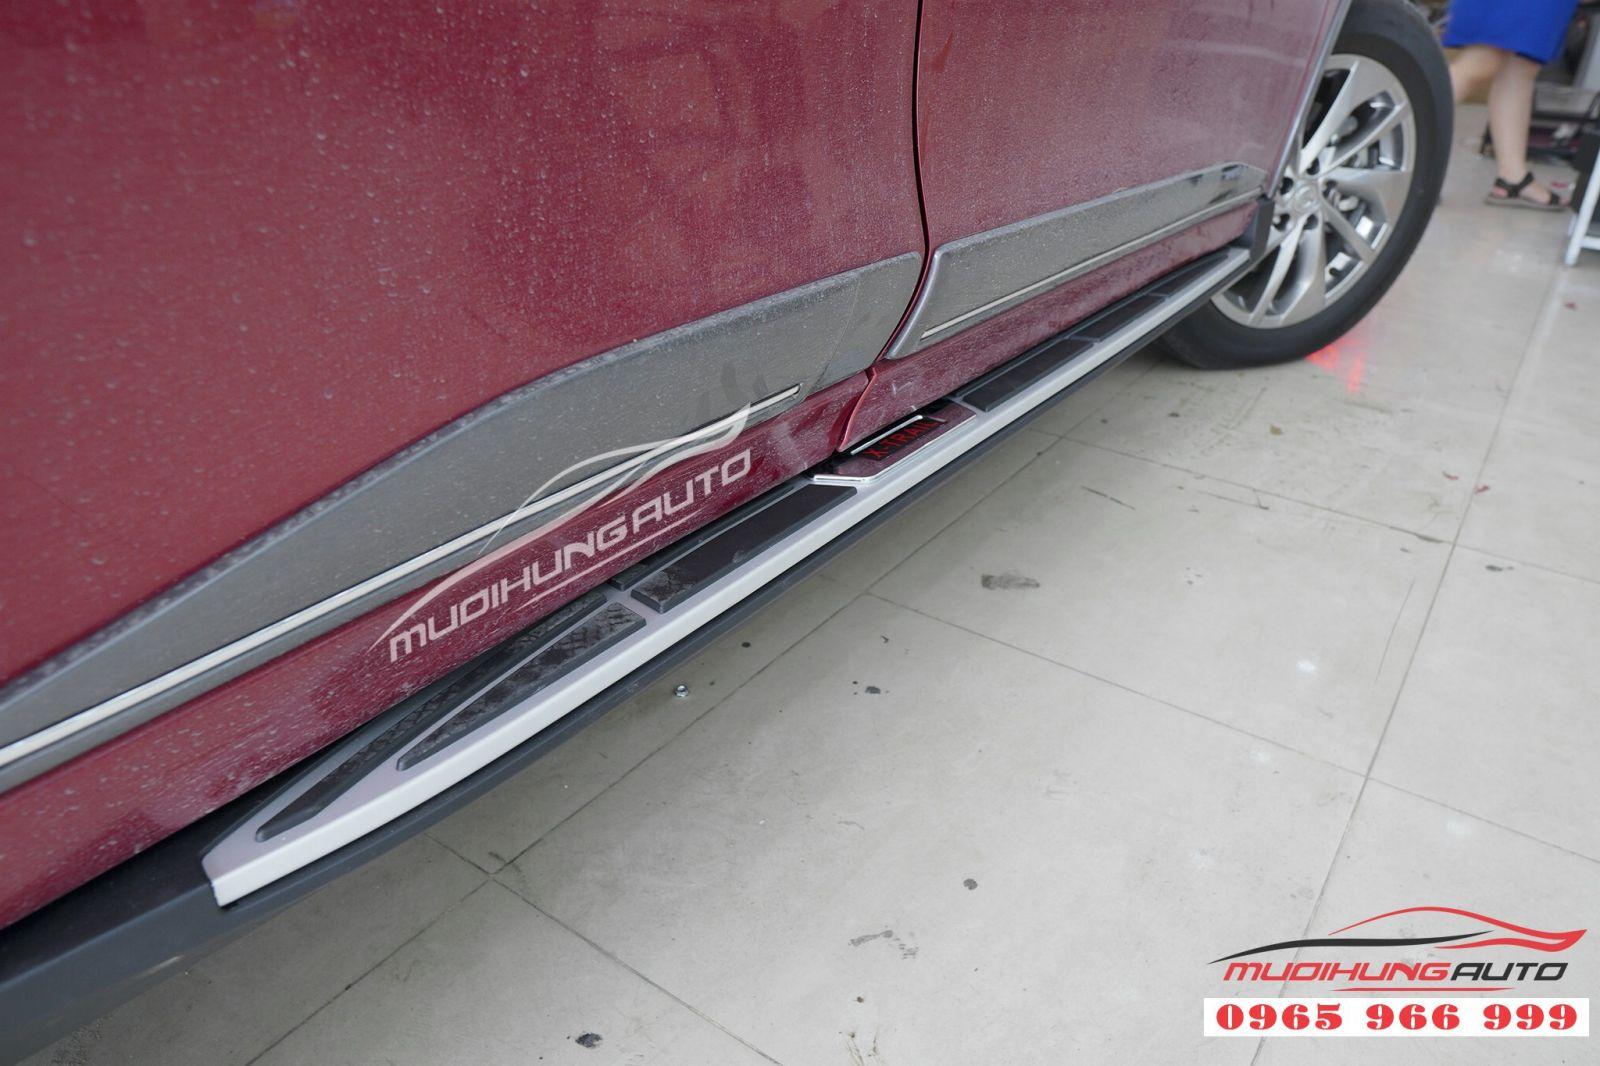 Lắp bệ bước chân chính hãng cho Nissan X-trail 06